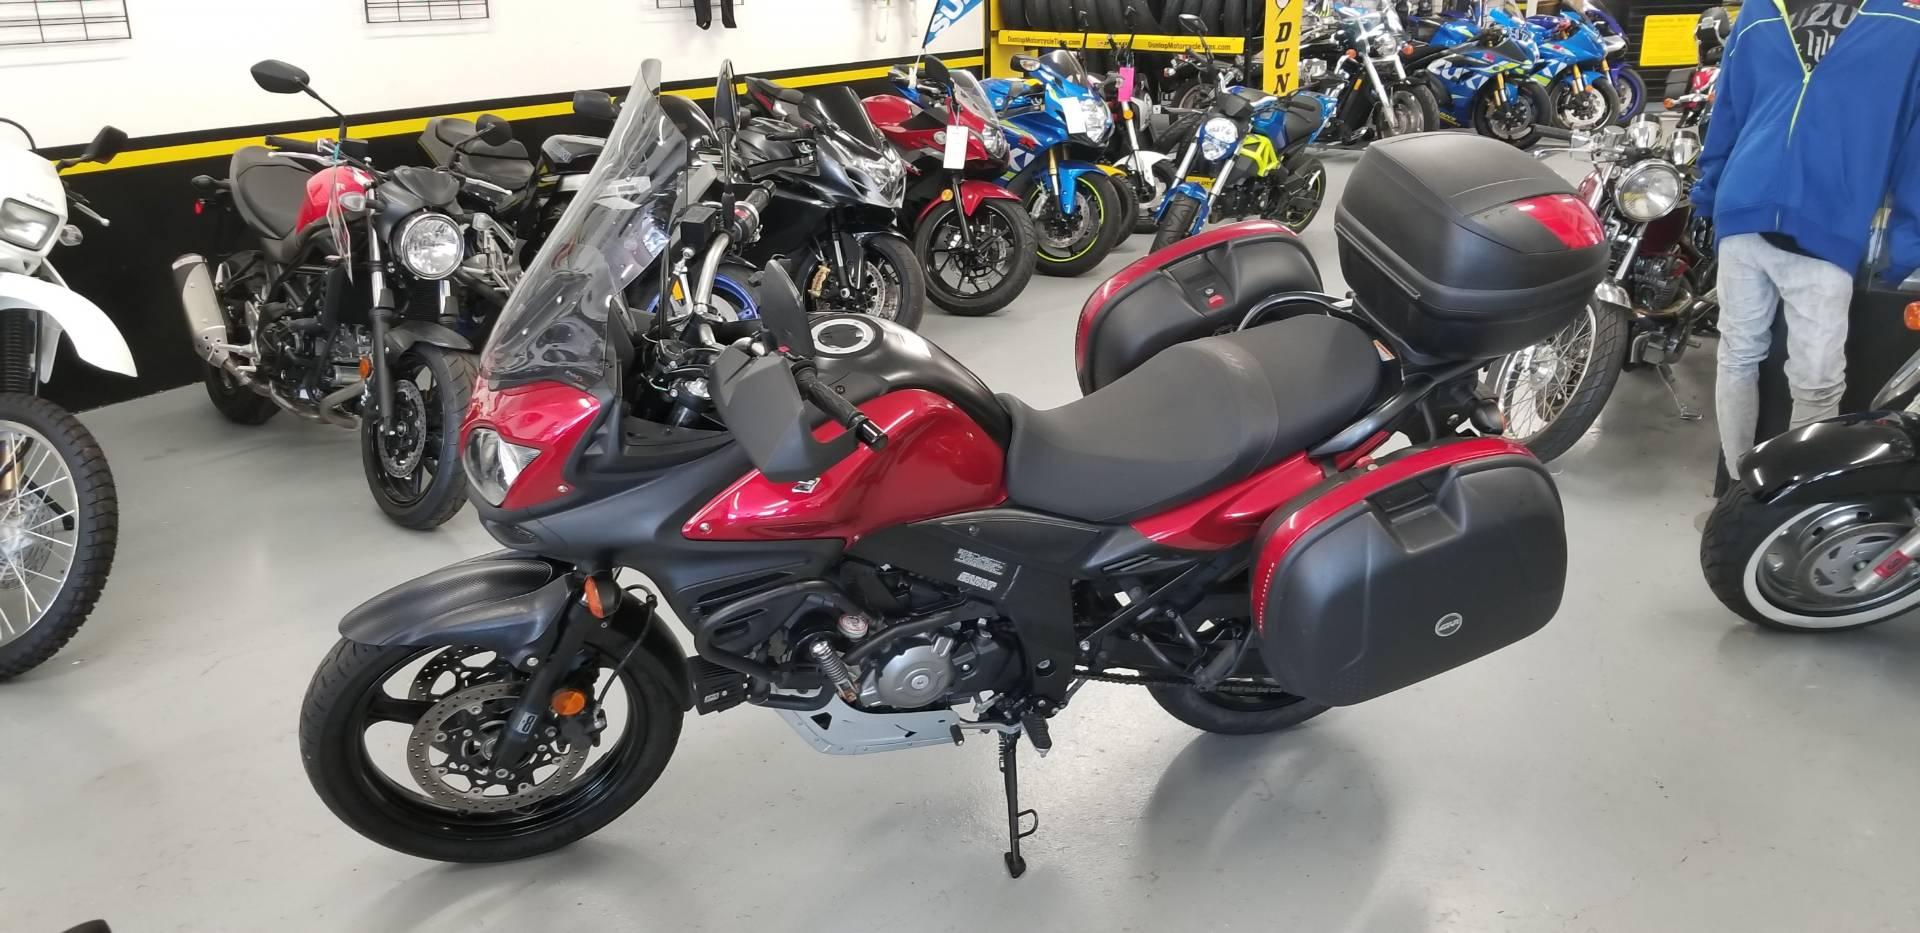 2014 Suzuki V-Strom 650 ABS 6